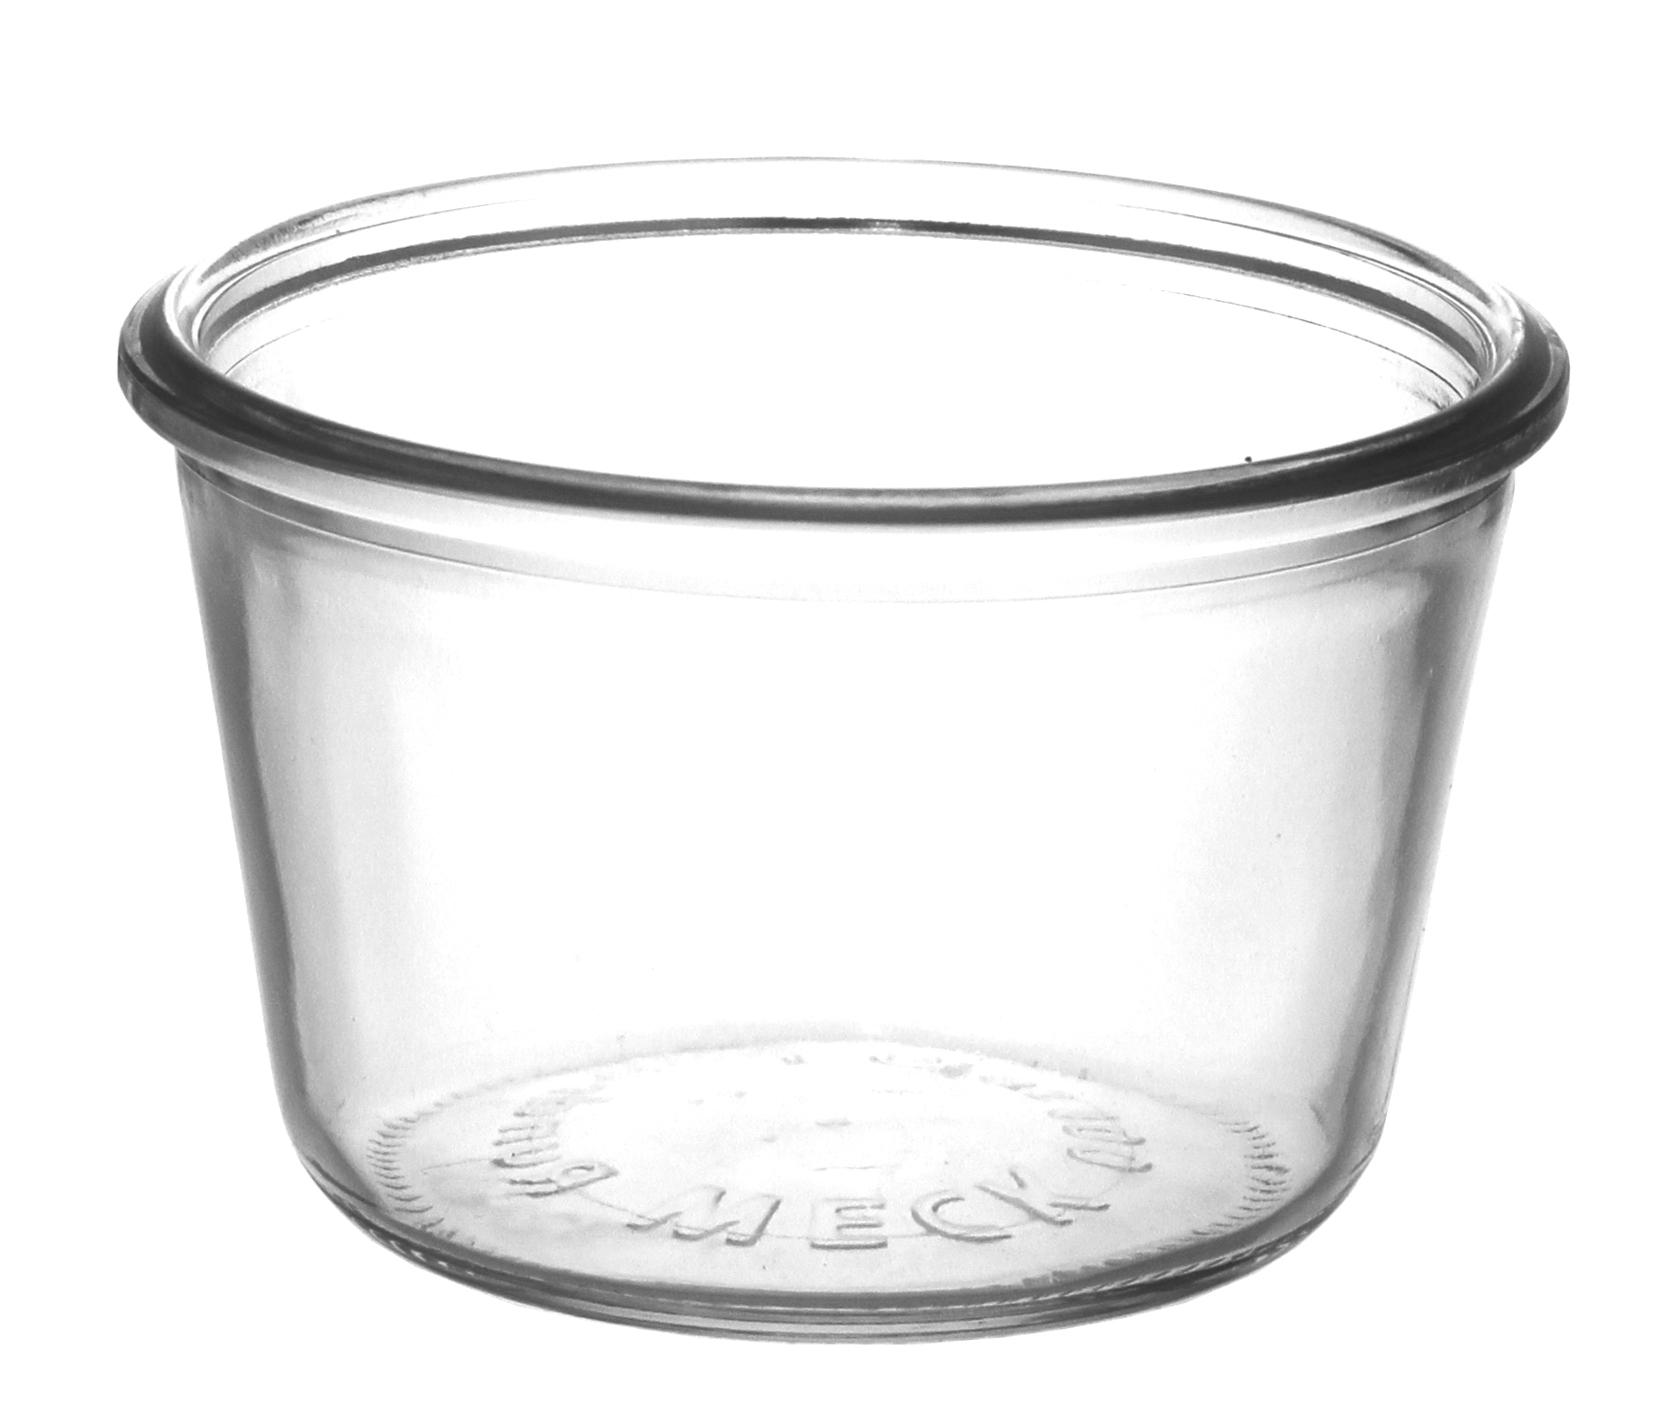 sturzglas 1 4 l wei rr100 weck st ck online kaufen flaschengro handel reis. Black Bedroom Furniture Sets. Home Design Ideas